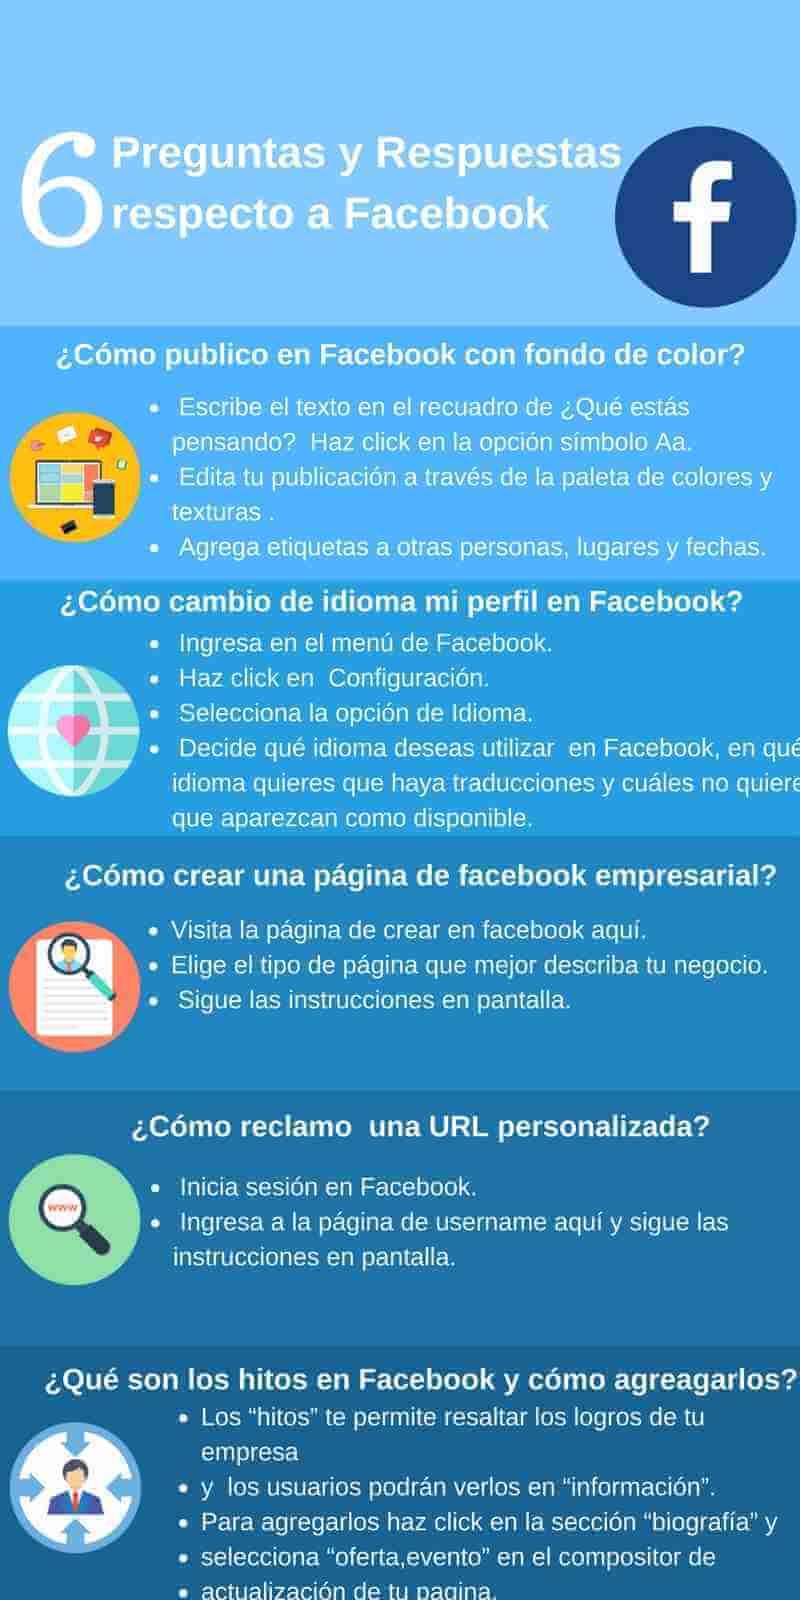 Campañas de social media preguntas de facebook - Servicios Softcorp-compressed